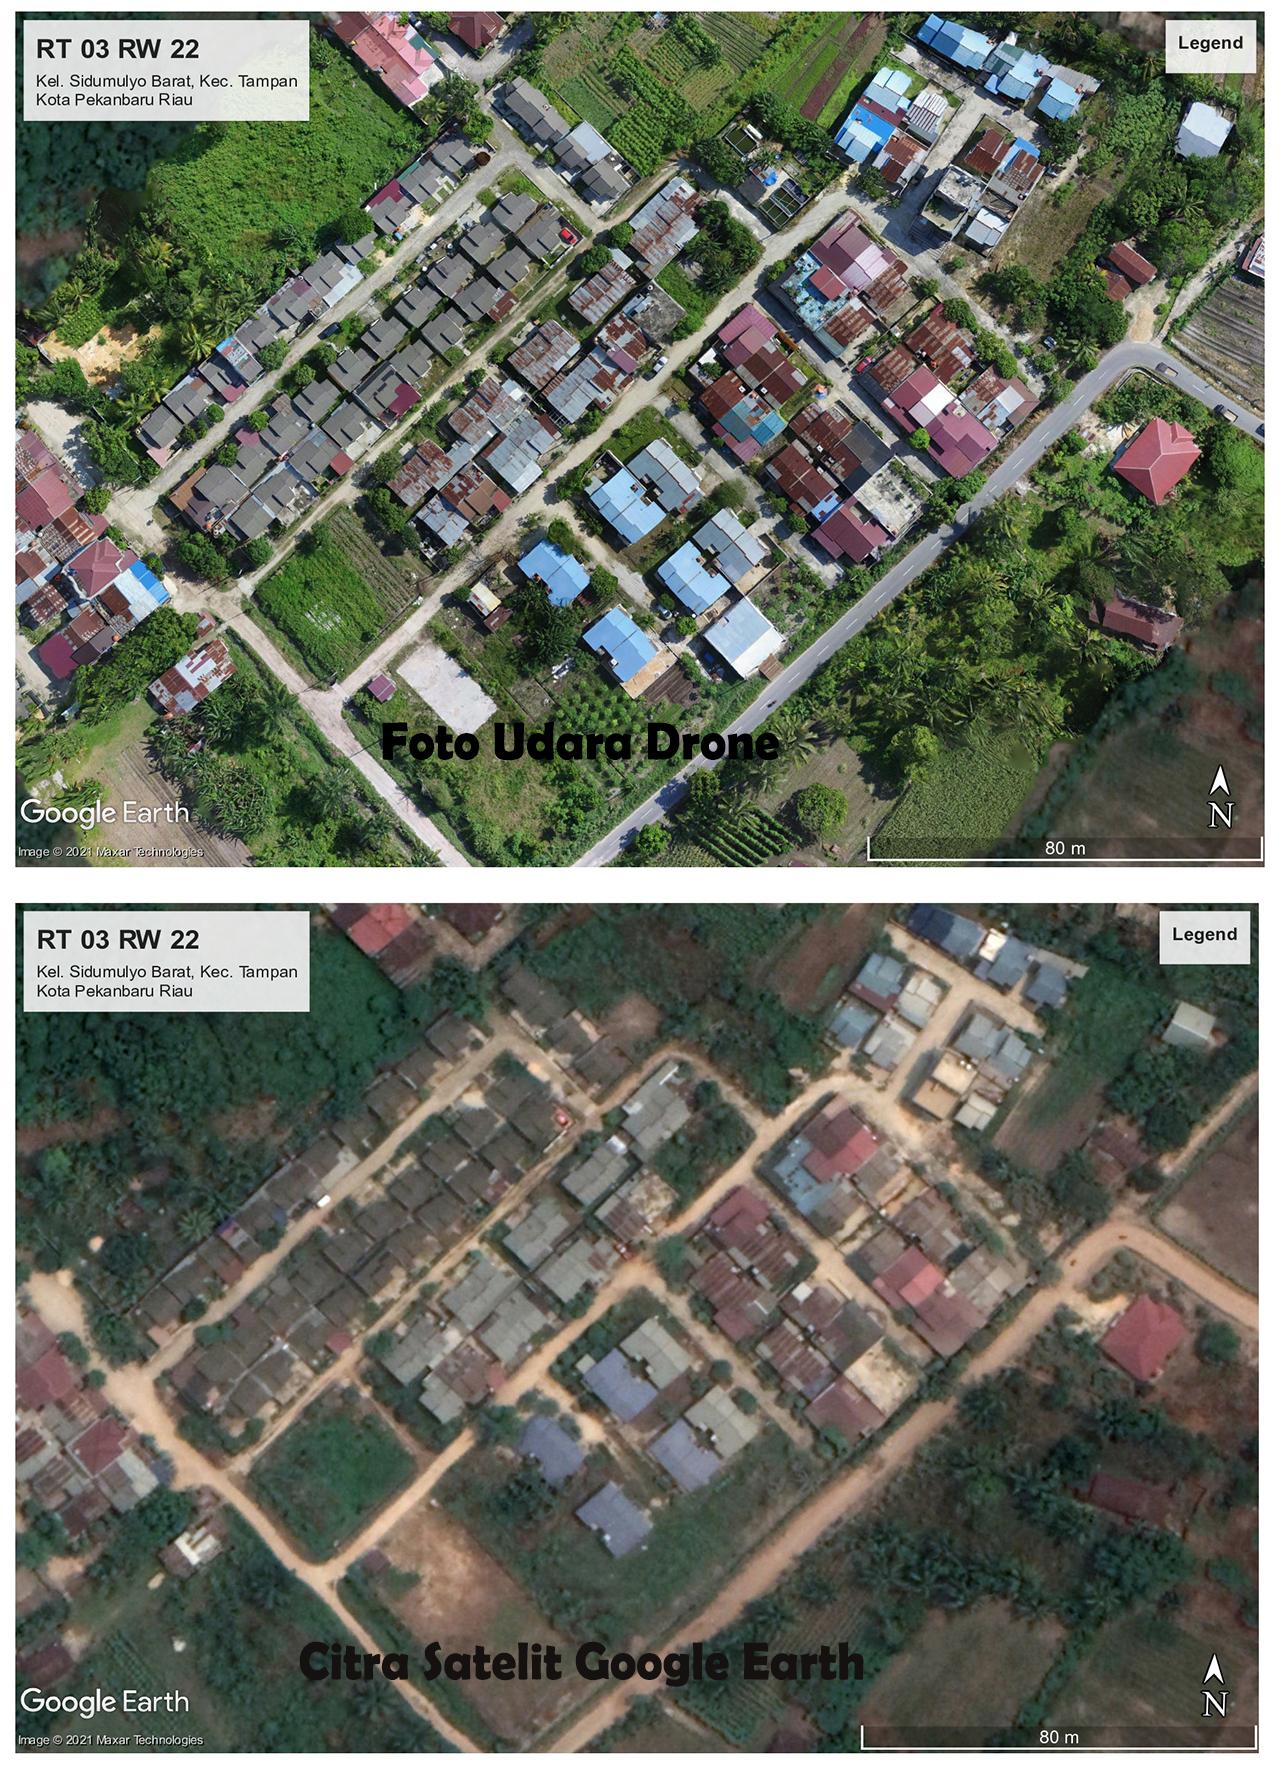 Perbedaan Drone Dengan Google Earth 2